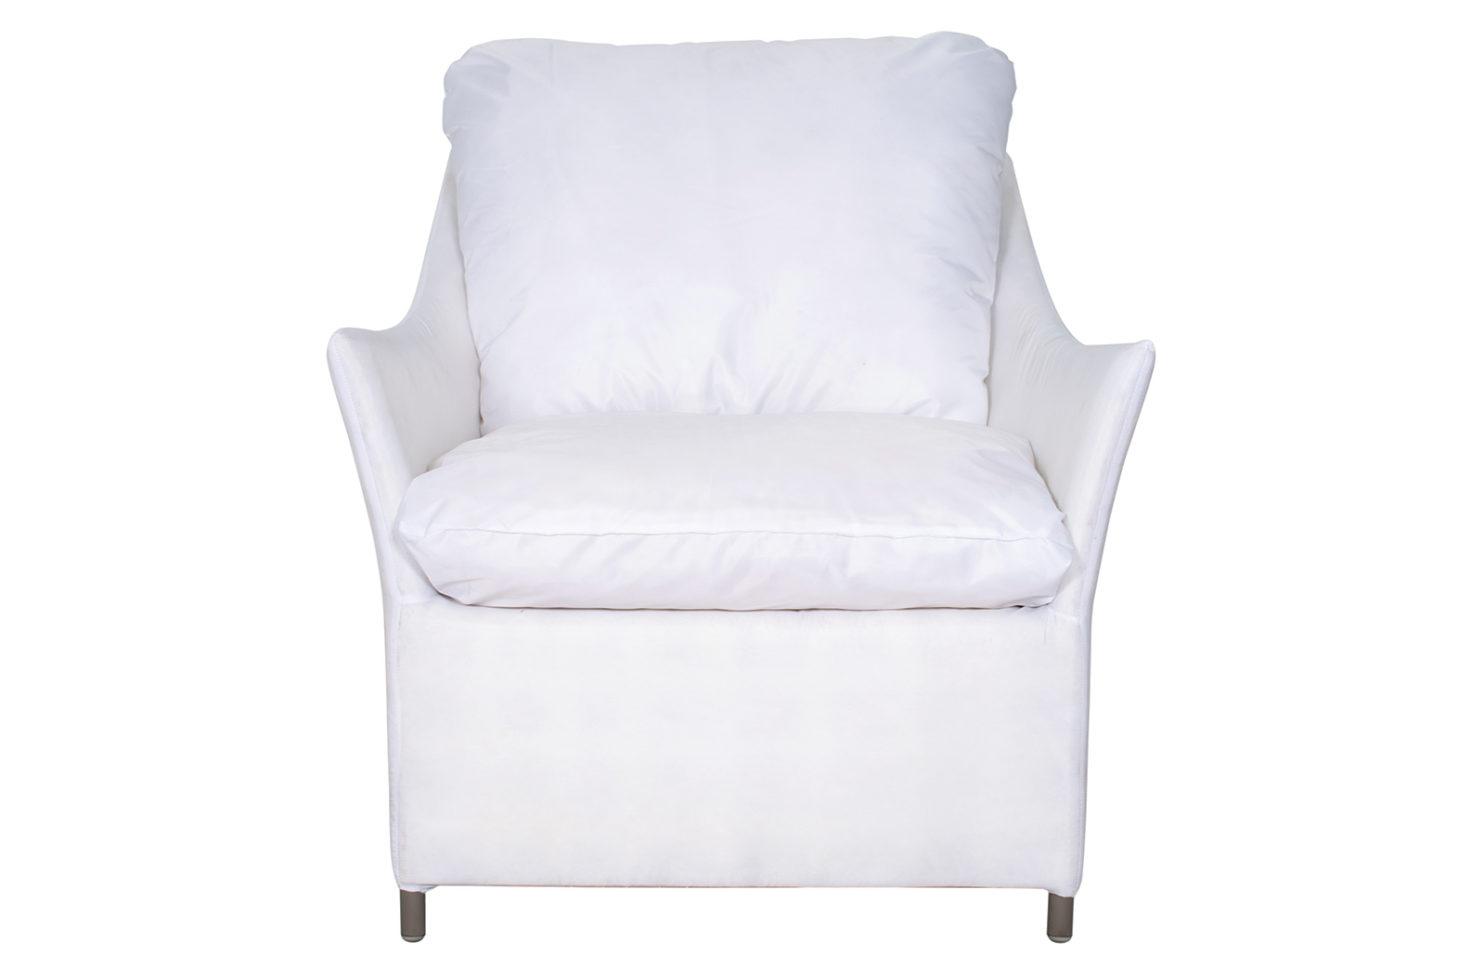 capri lounge frame 620FT091P2 1 front